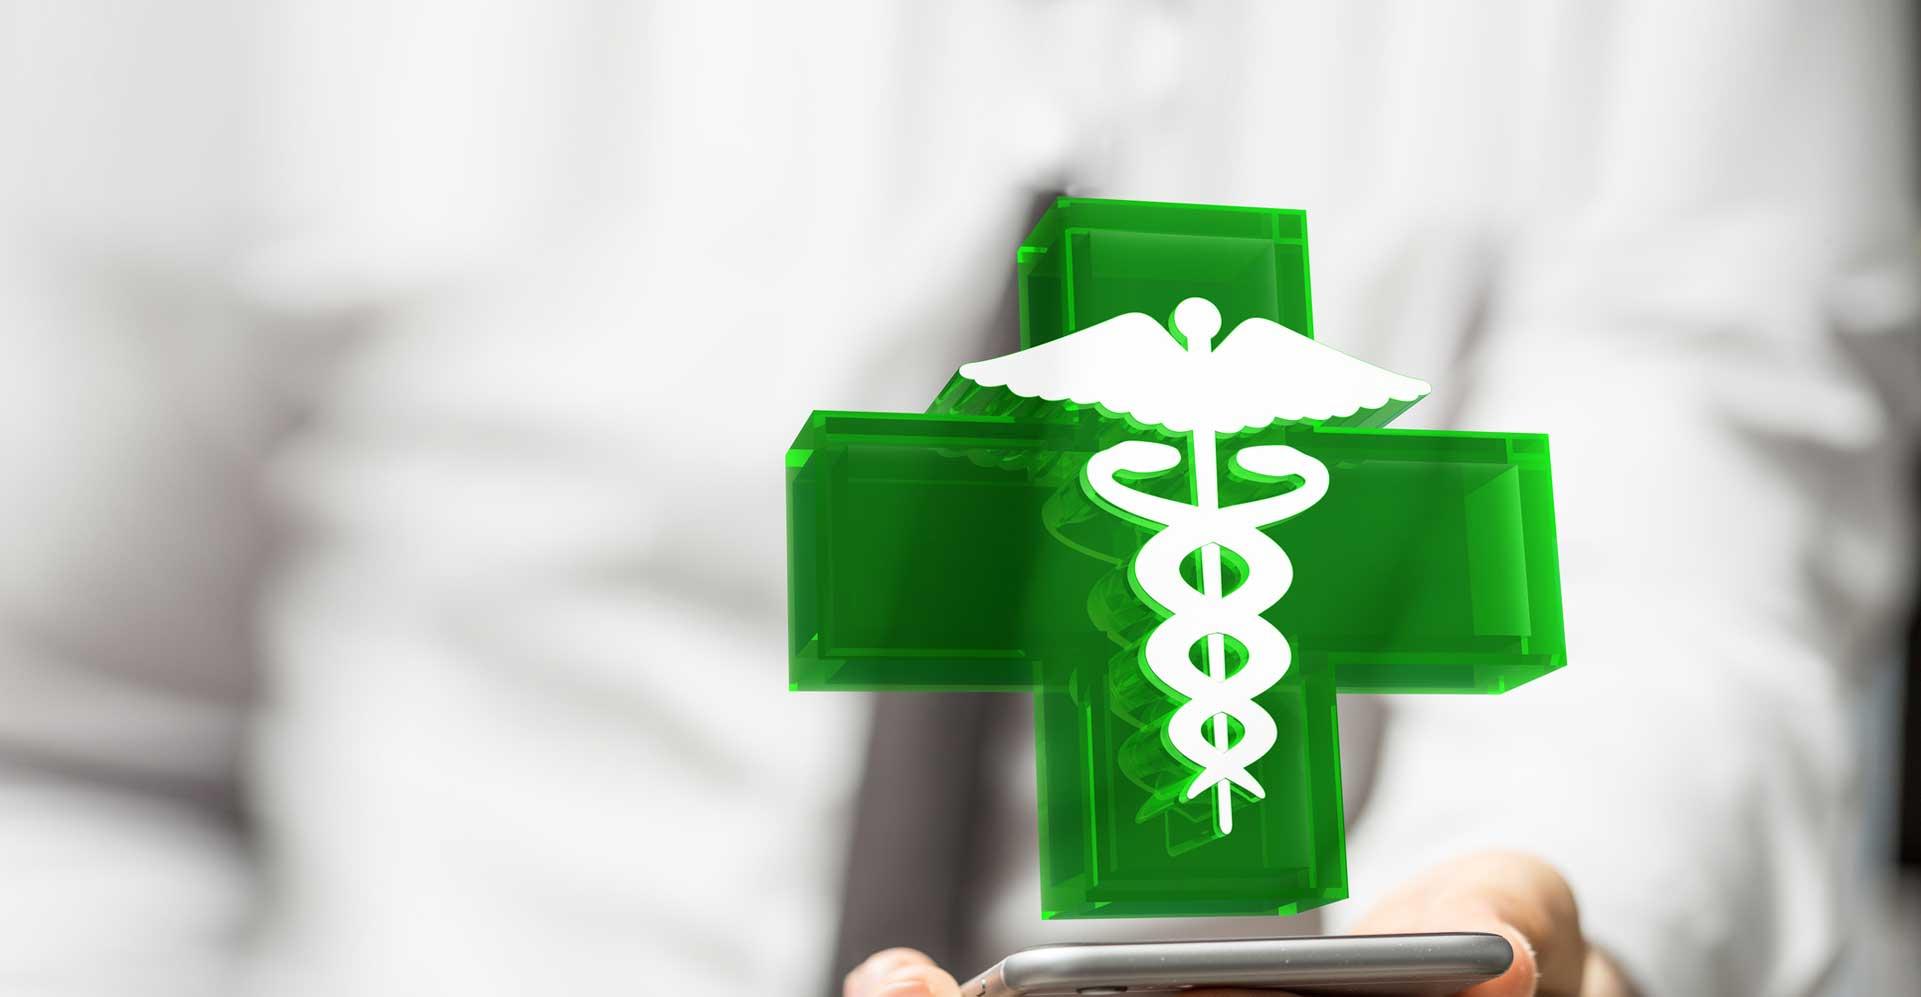 Le ultime novità sulle terapie farmacologiche